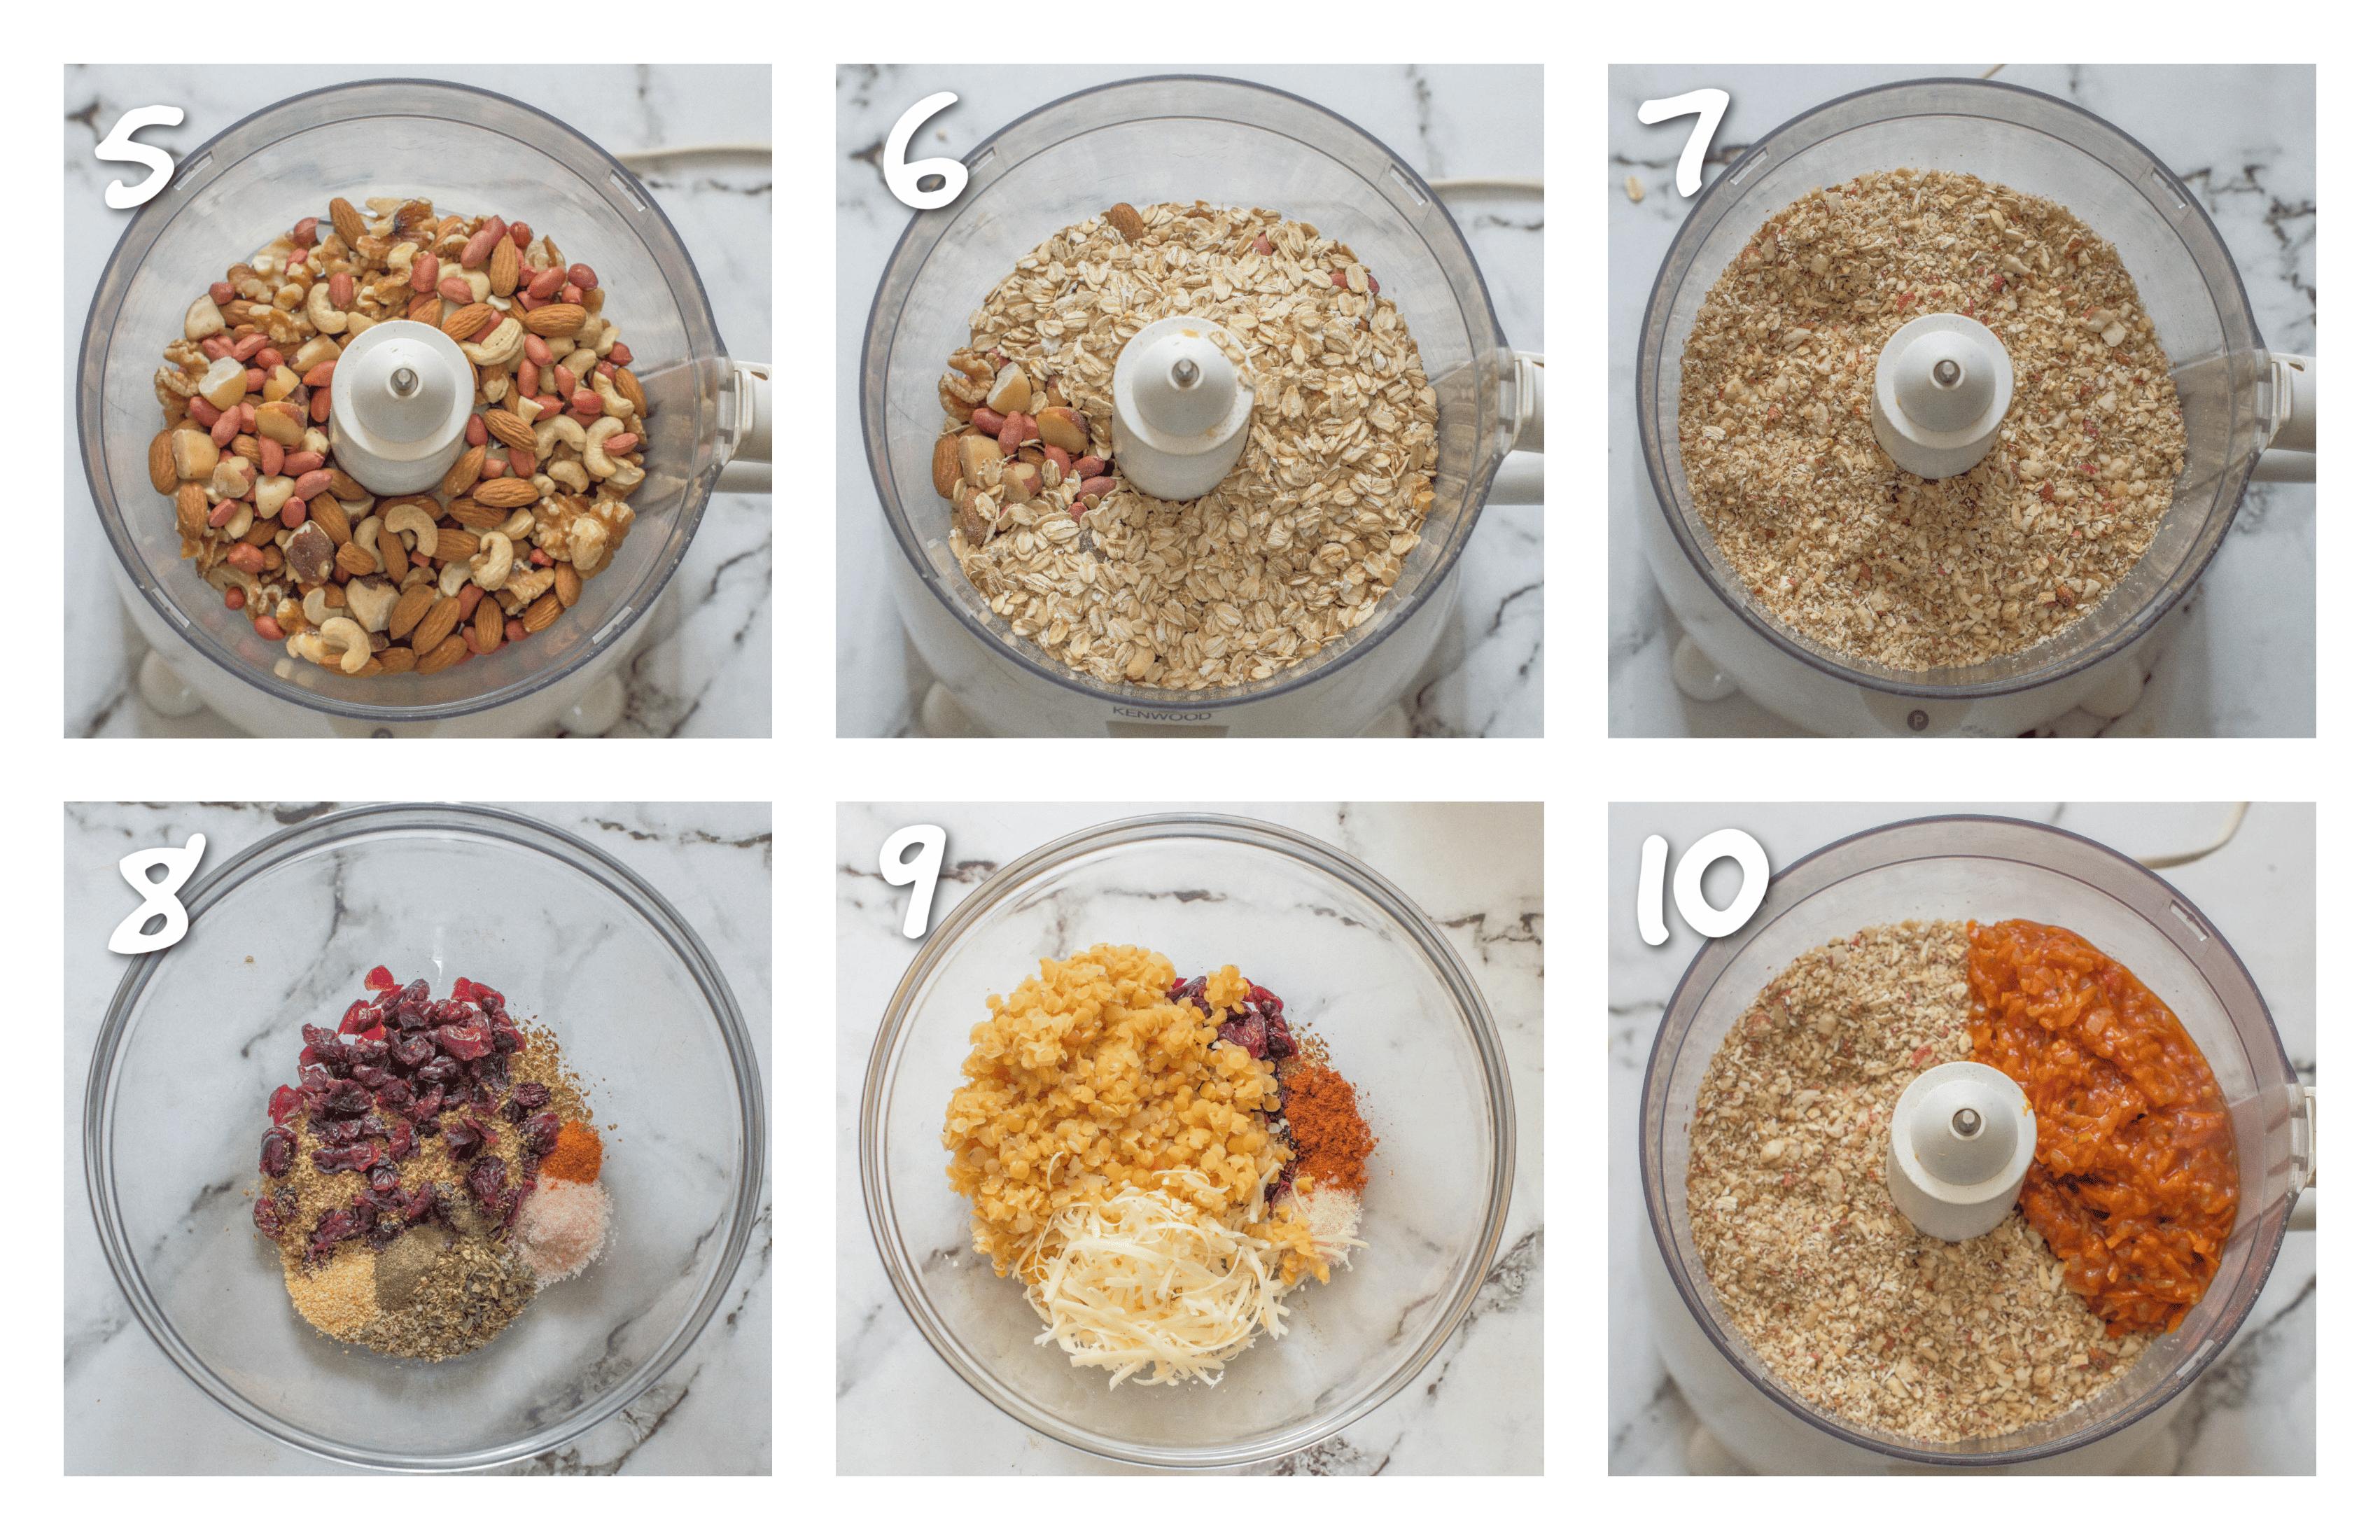 steps 5-10 Preparing dry ingredients for the nut roast